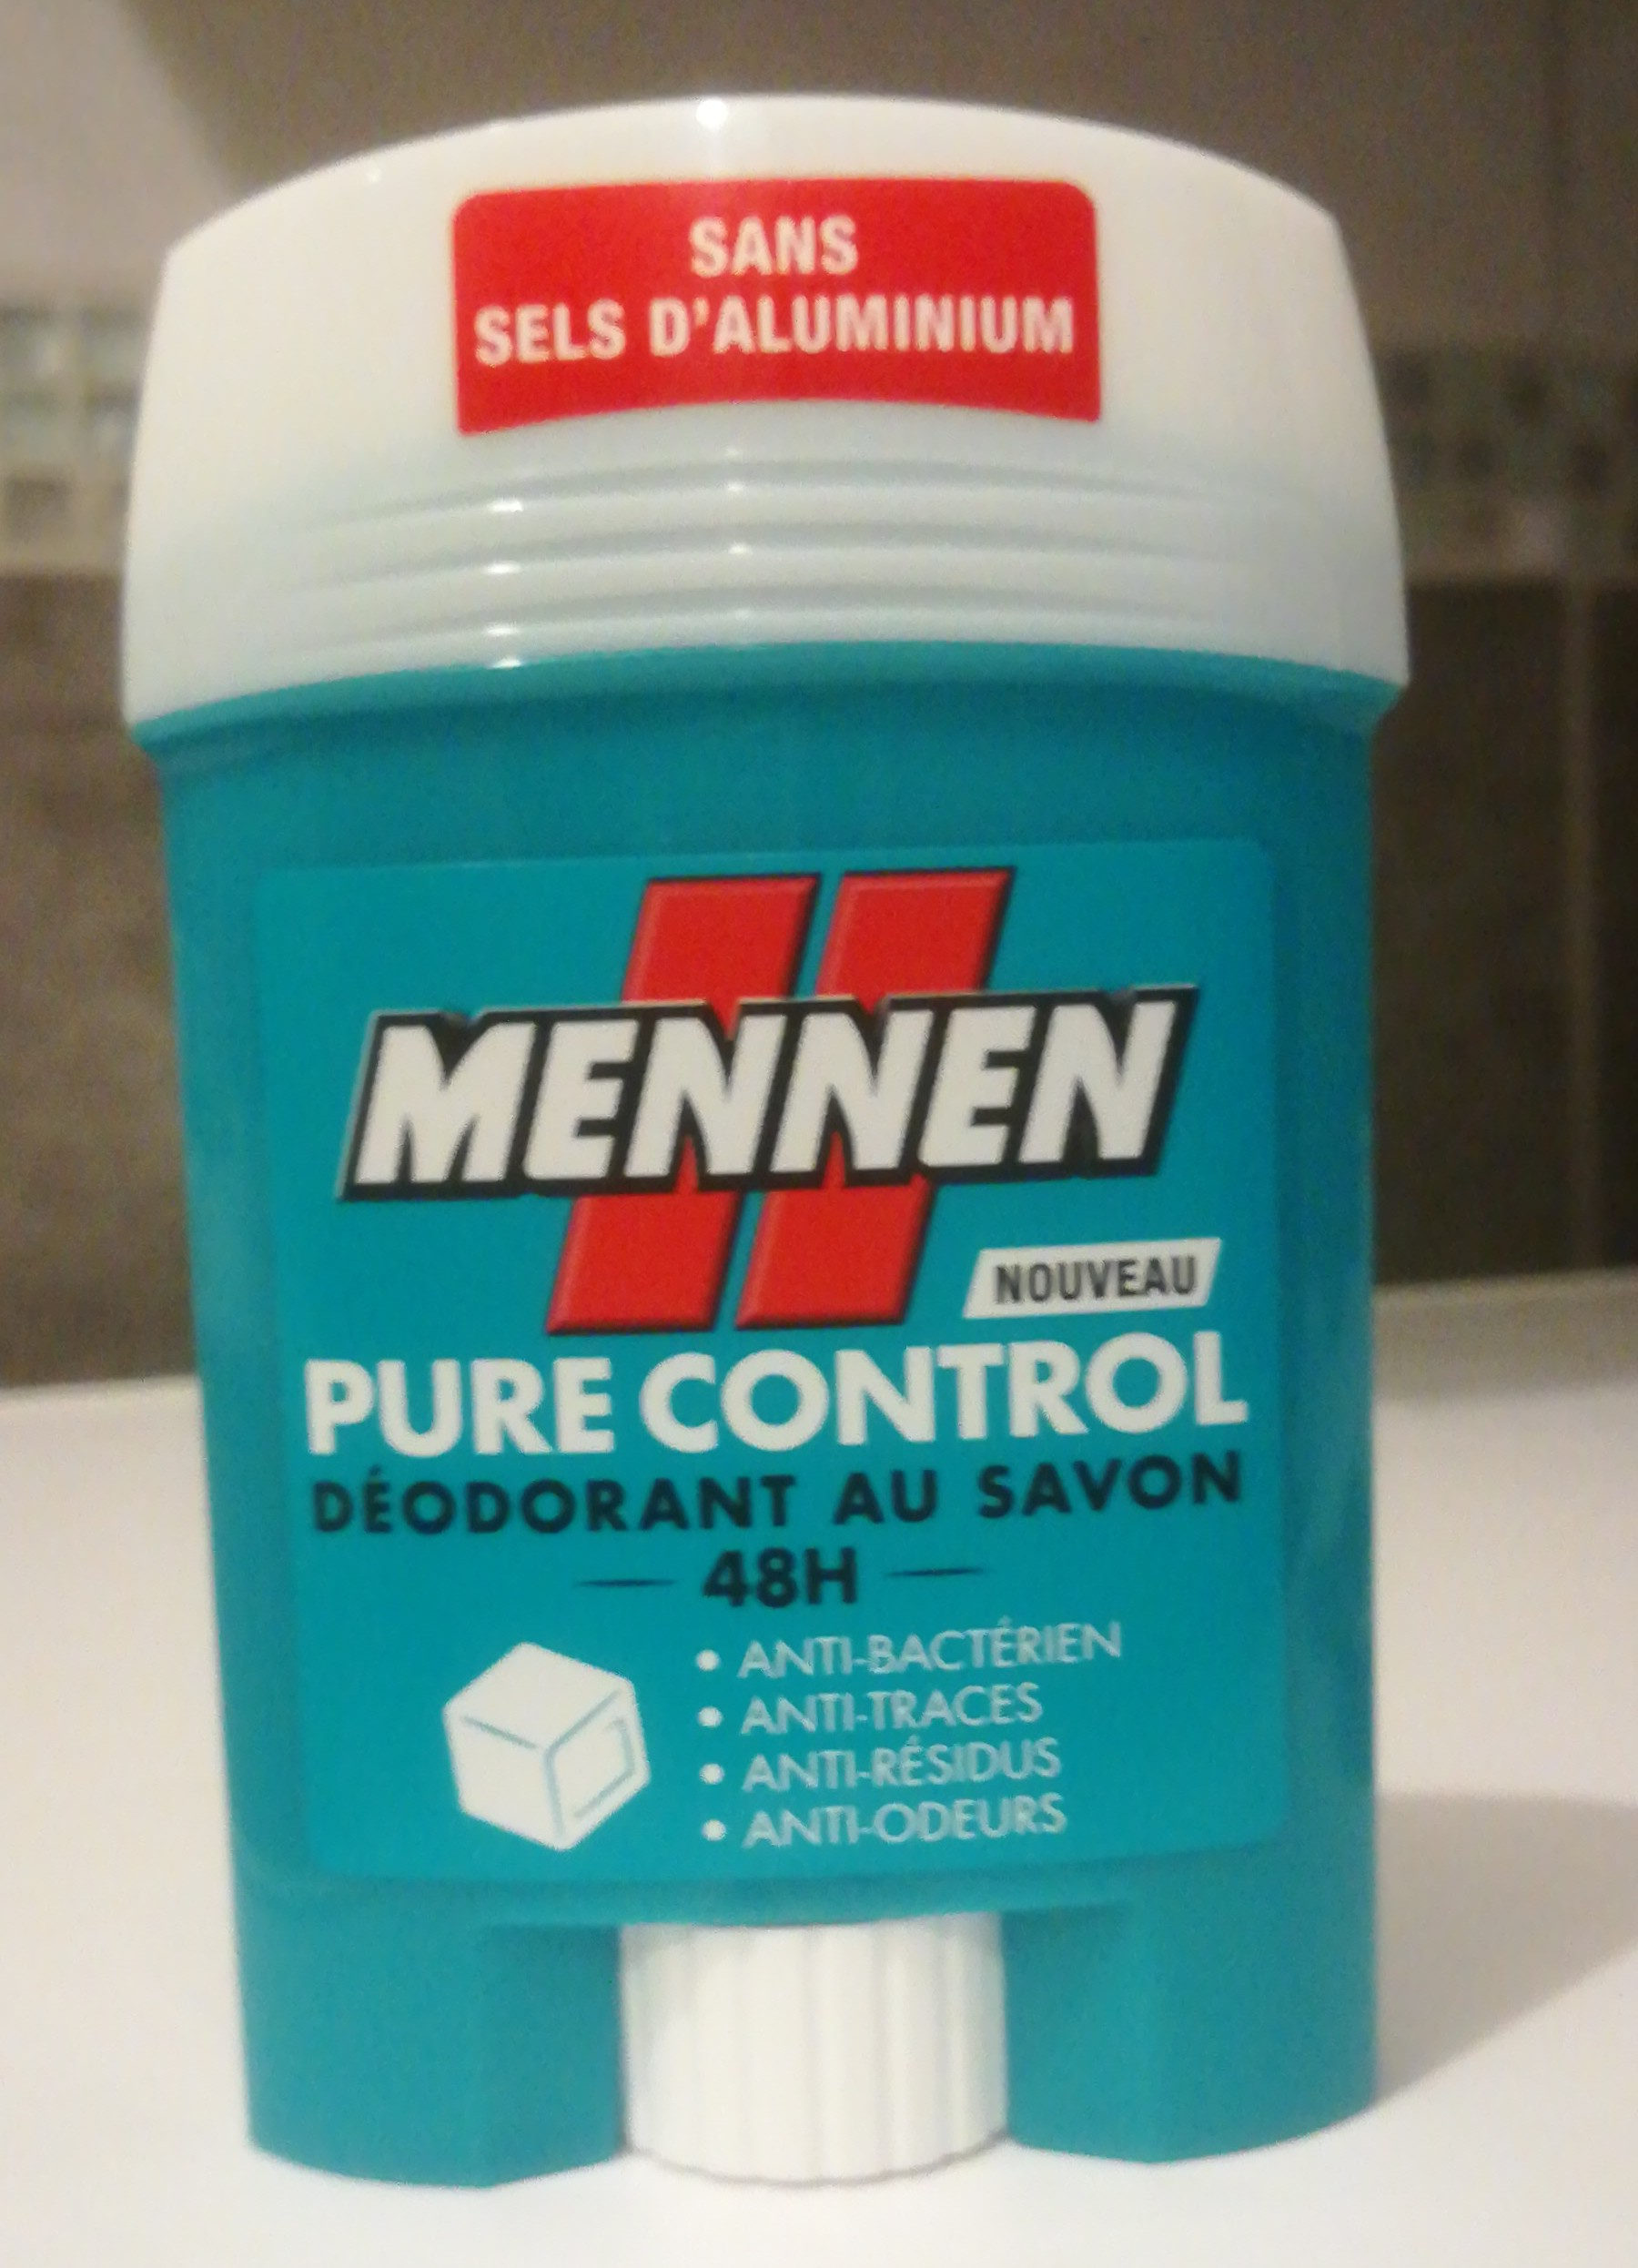 Mennen Pure Control - Produit - fr